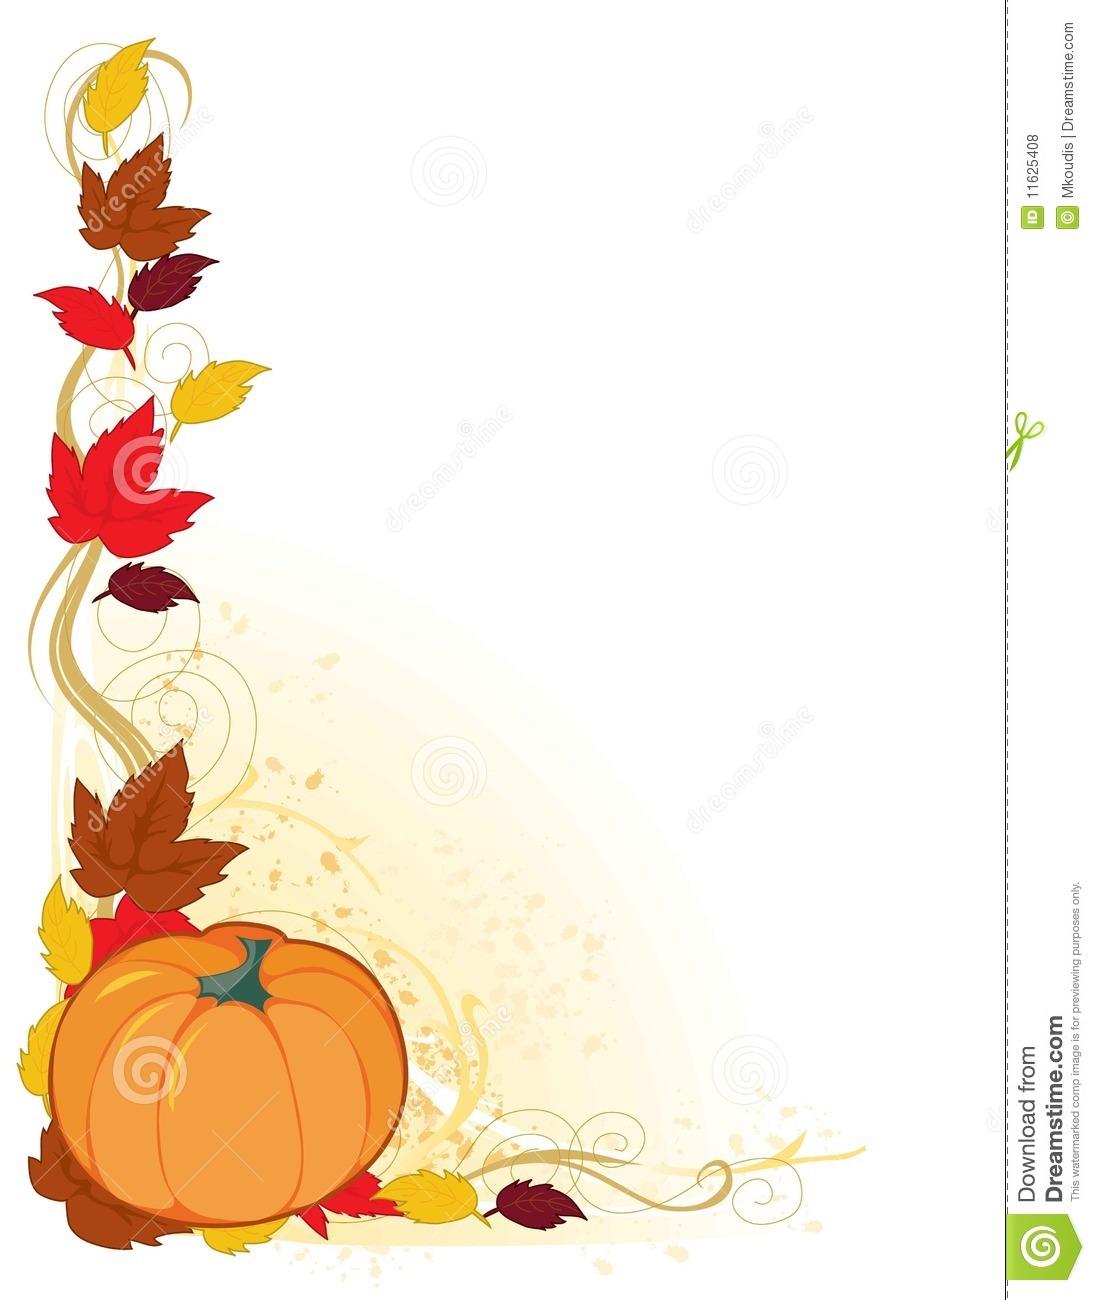 Pumpkin Border Clipart.